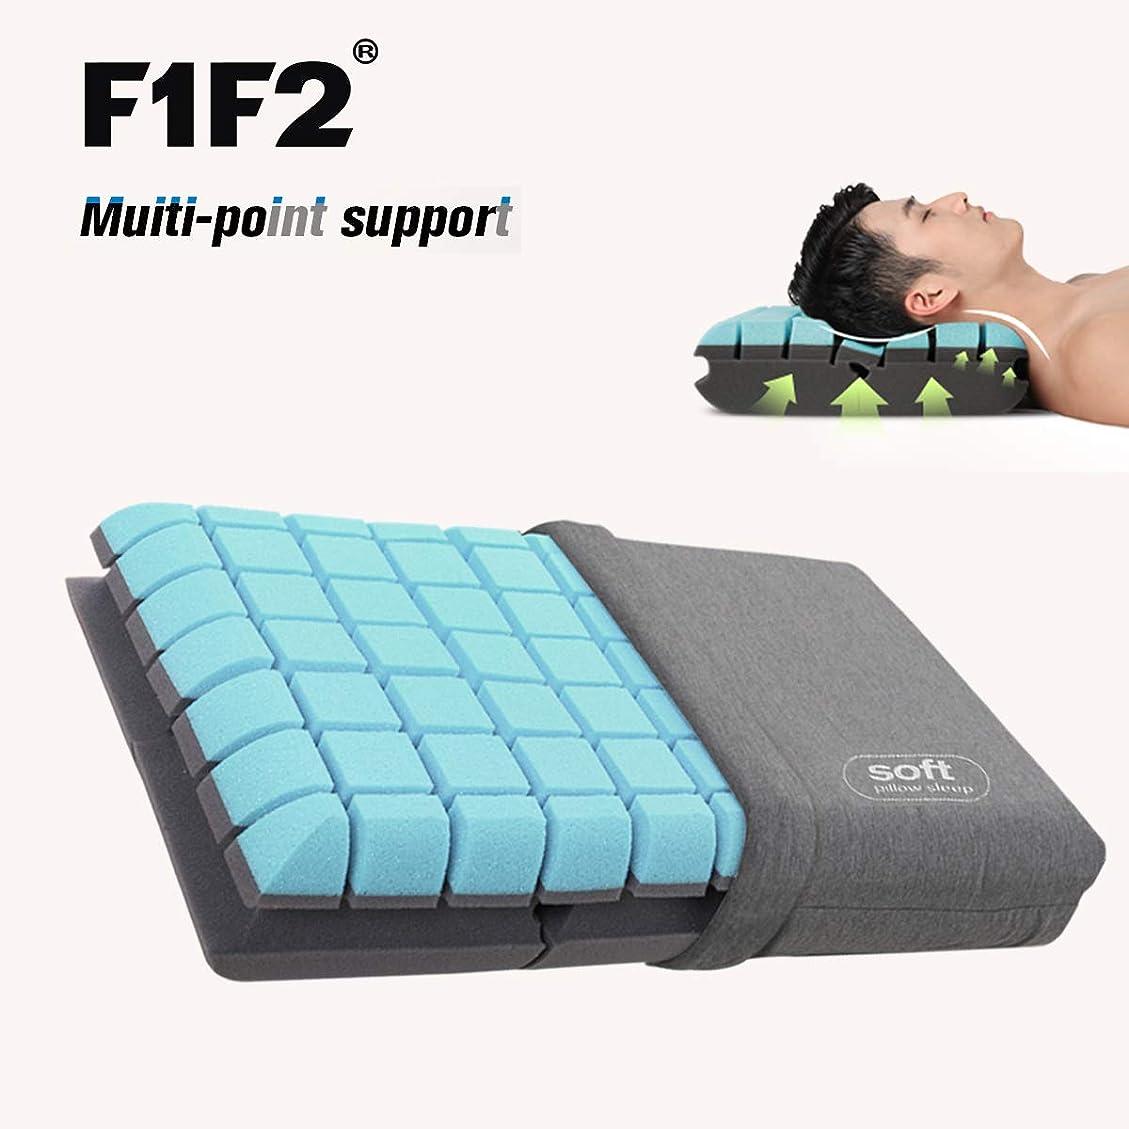 モニカ広々とした勘違いするF1F2 快眠枕 枕強力サポート肩こり首こりを防ぐ 頚椎サポート健康枕通気性抜群いびき軽減仰向けでも横向きでも、37x59x10cm